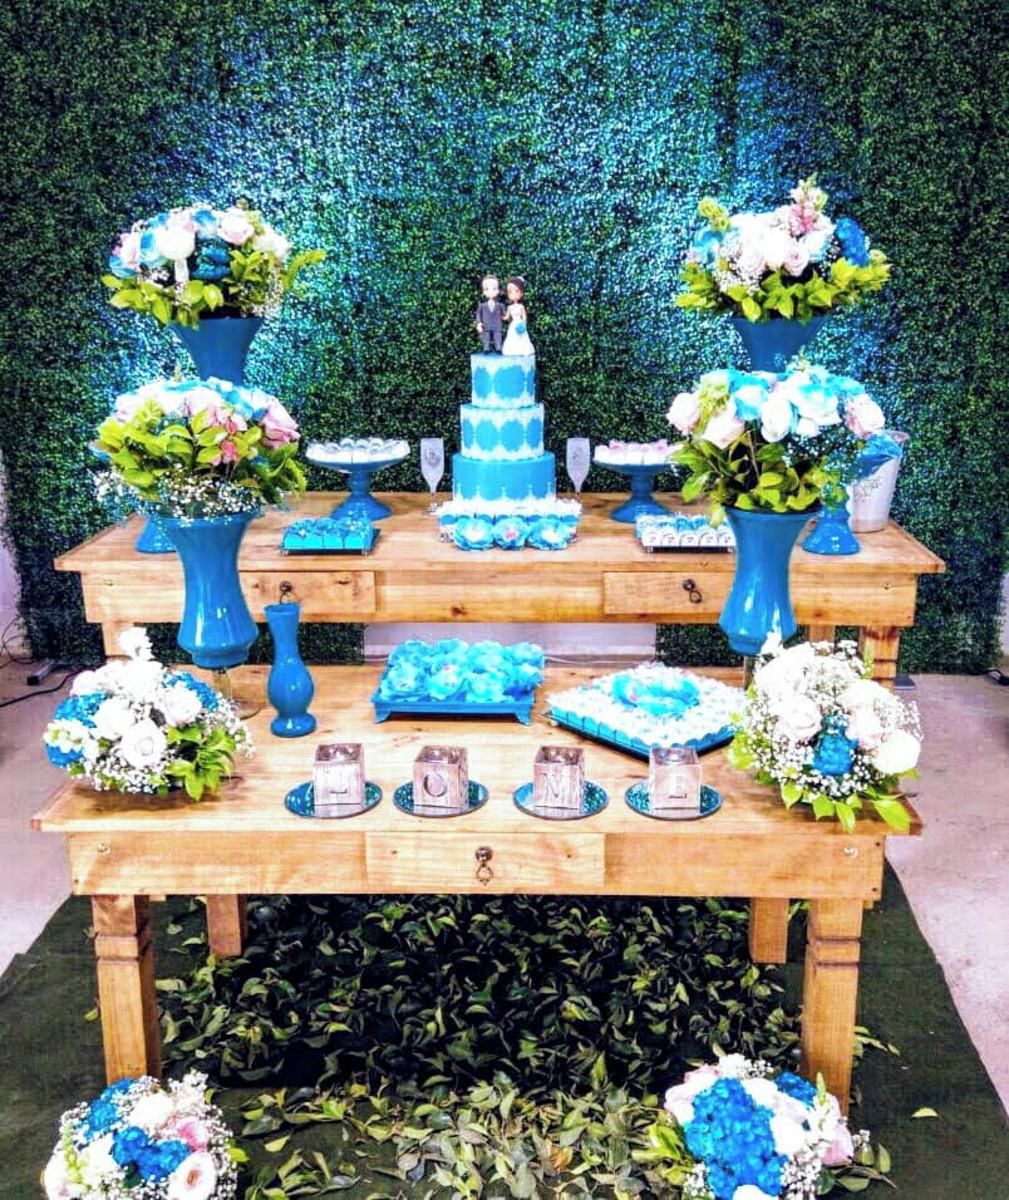 Decoração Casamento Rustica com Tiffany no Elo7   Marya e Cia Bolos ... 009fe39ba2